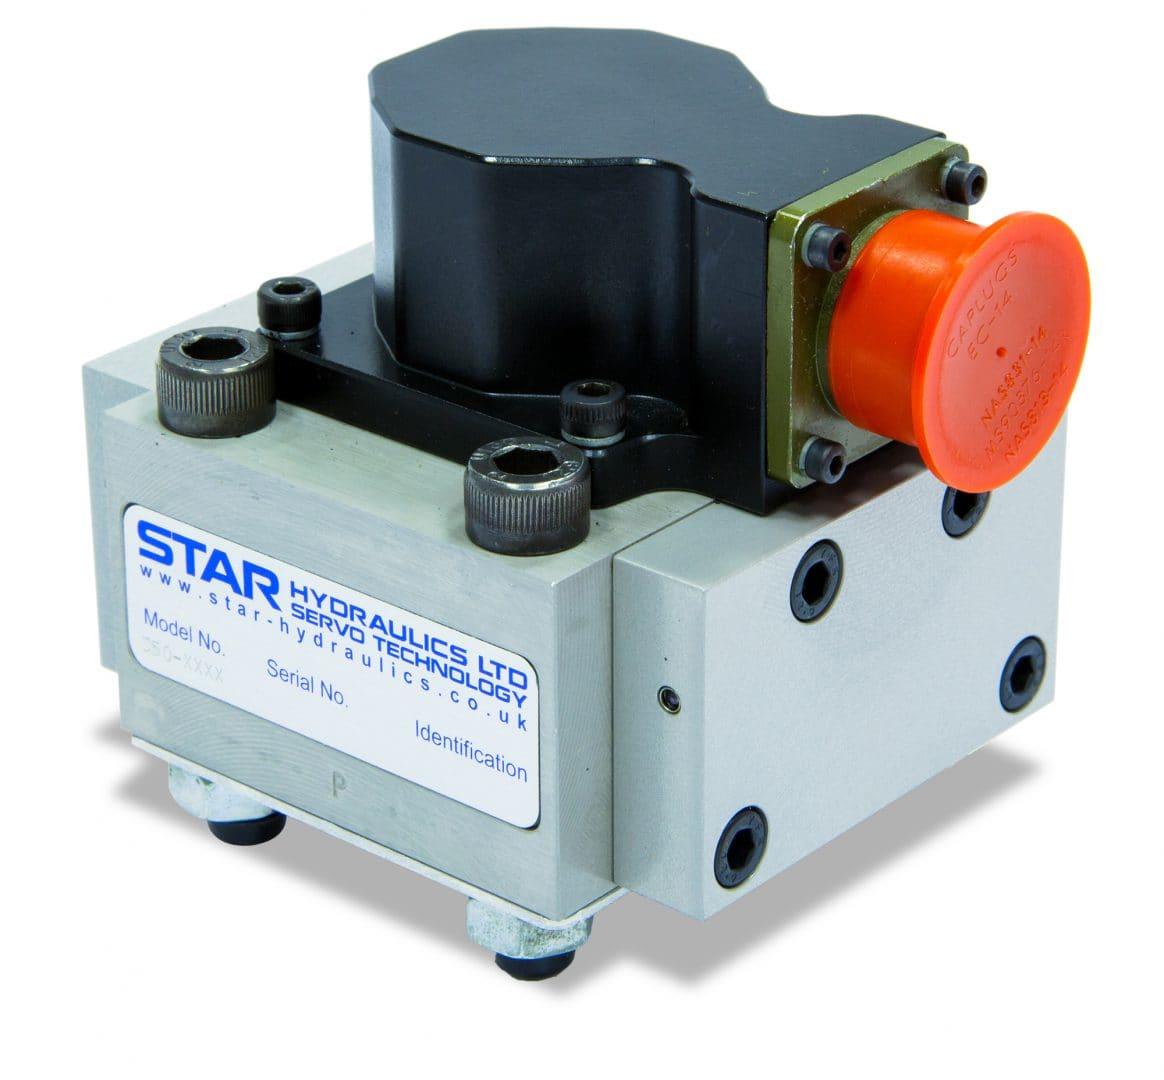 rdl hydraulics 550 1164x1080 - Star Hydraulics